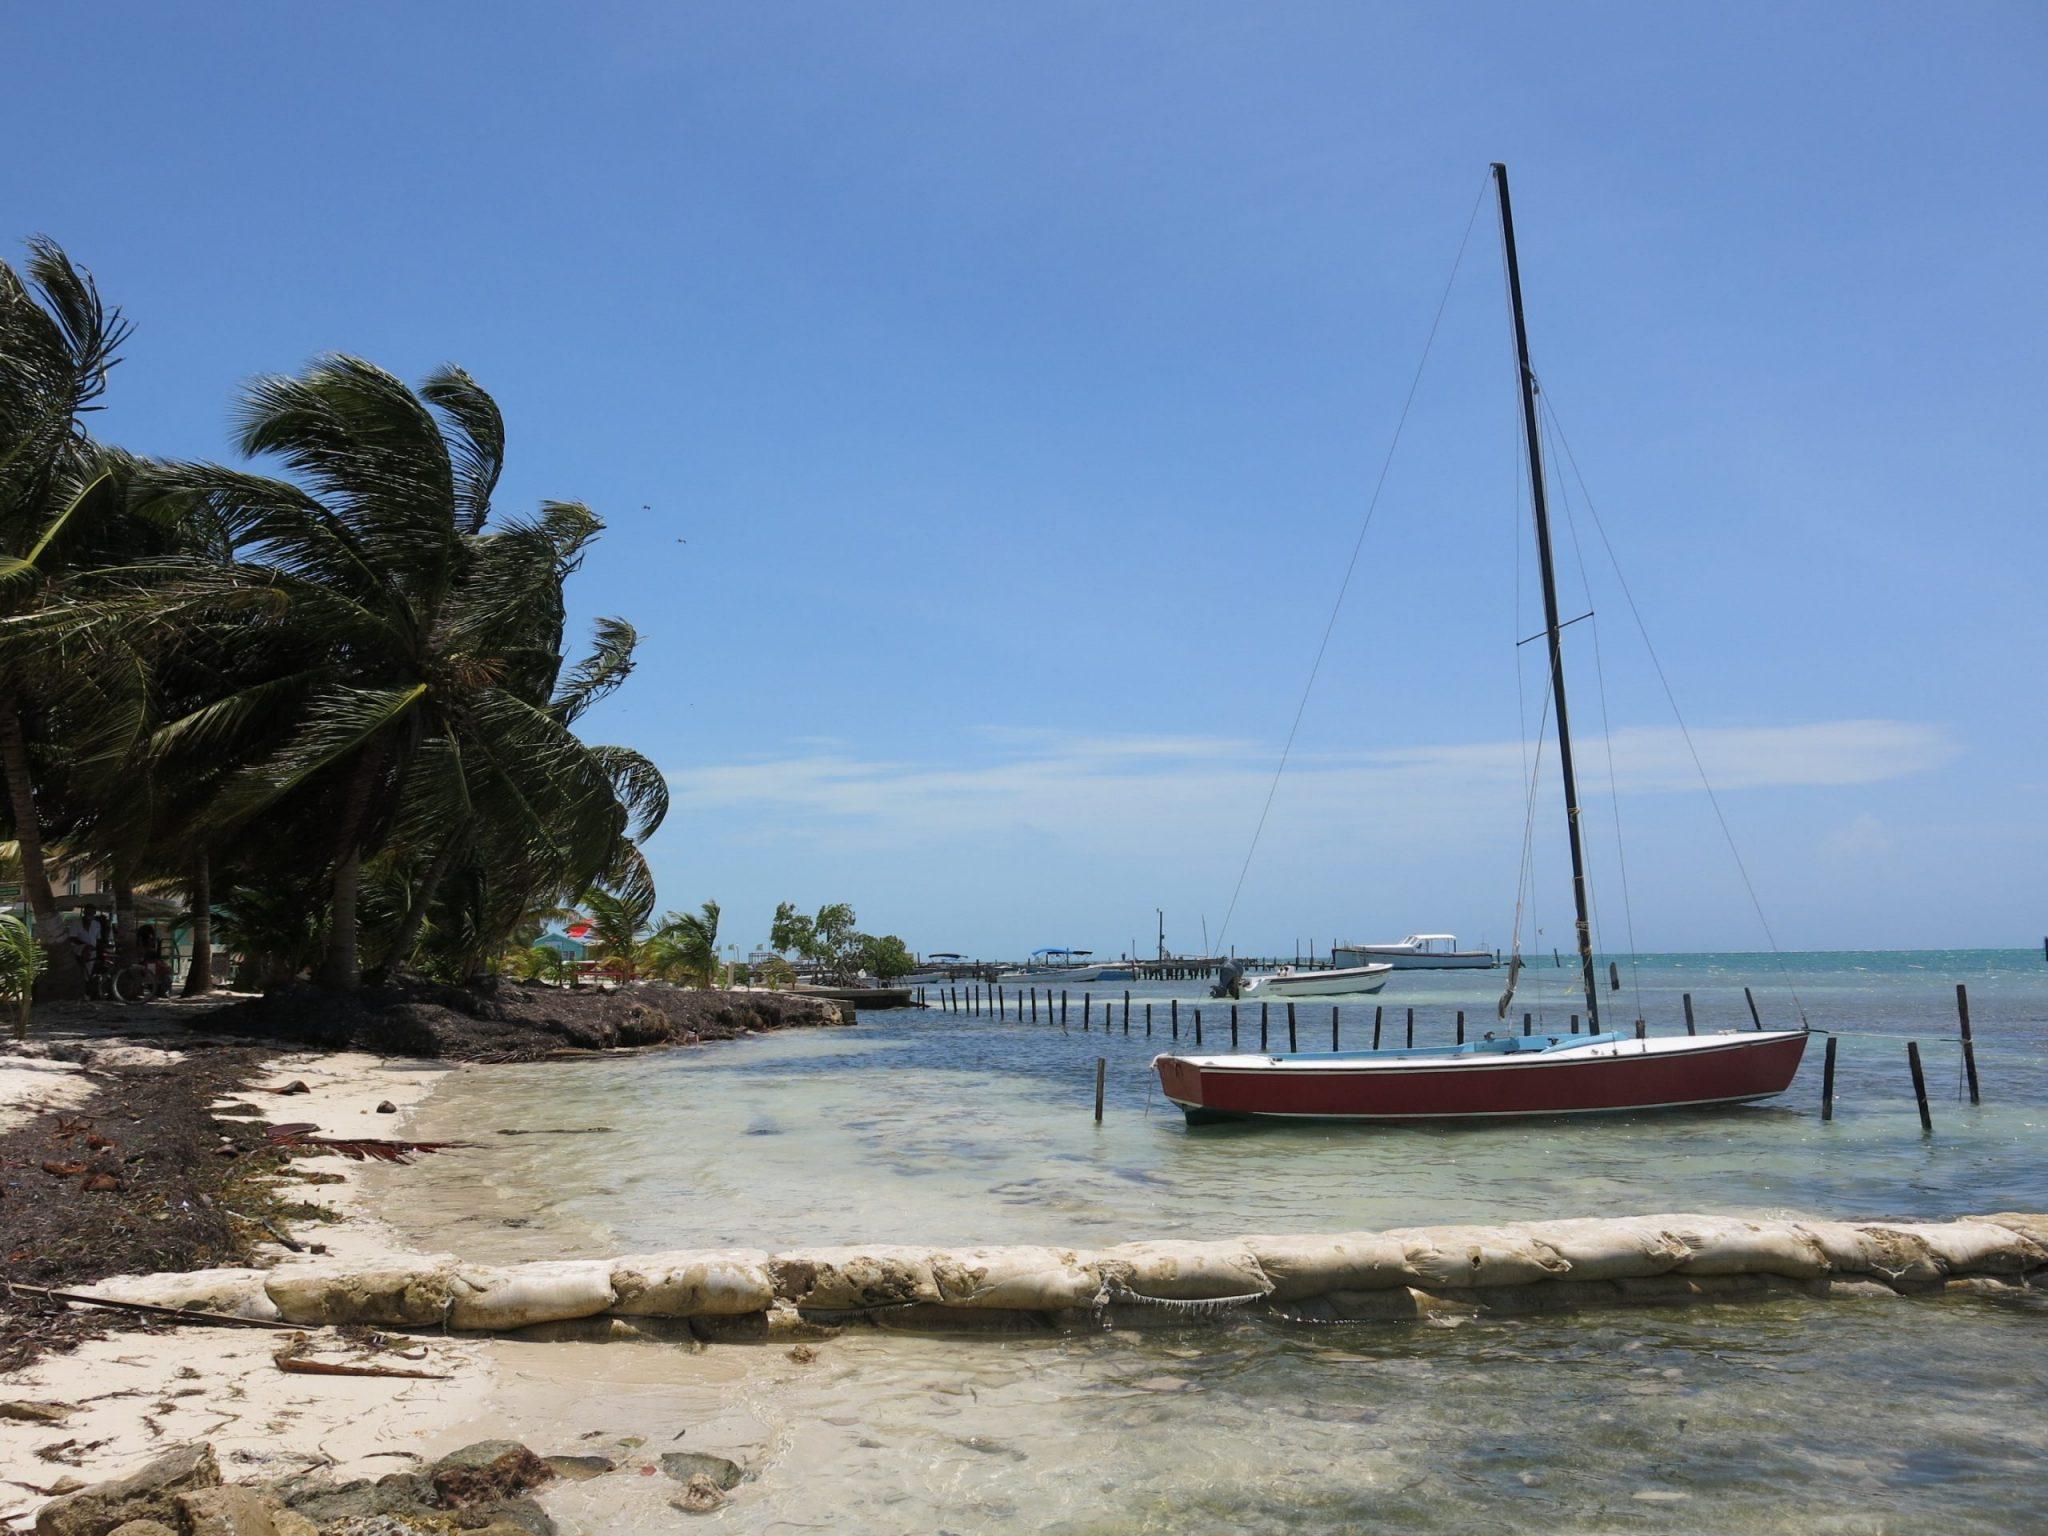 Boat in Caye Caulker